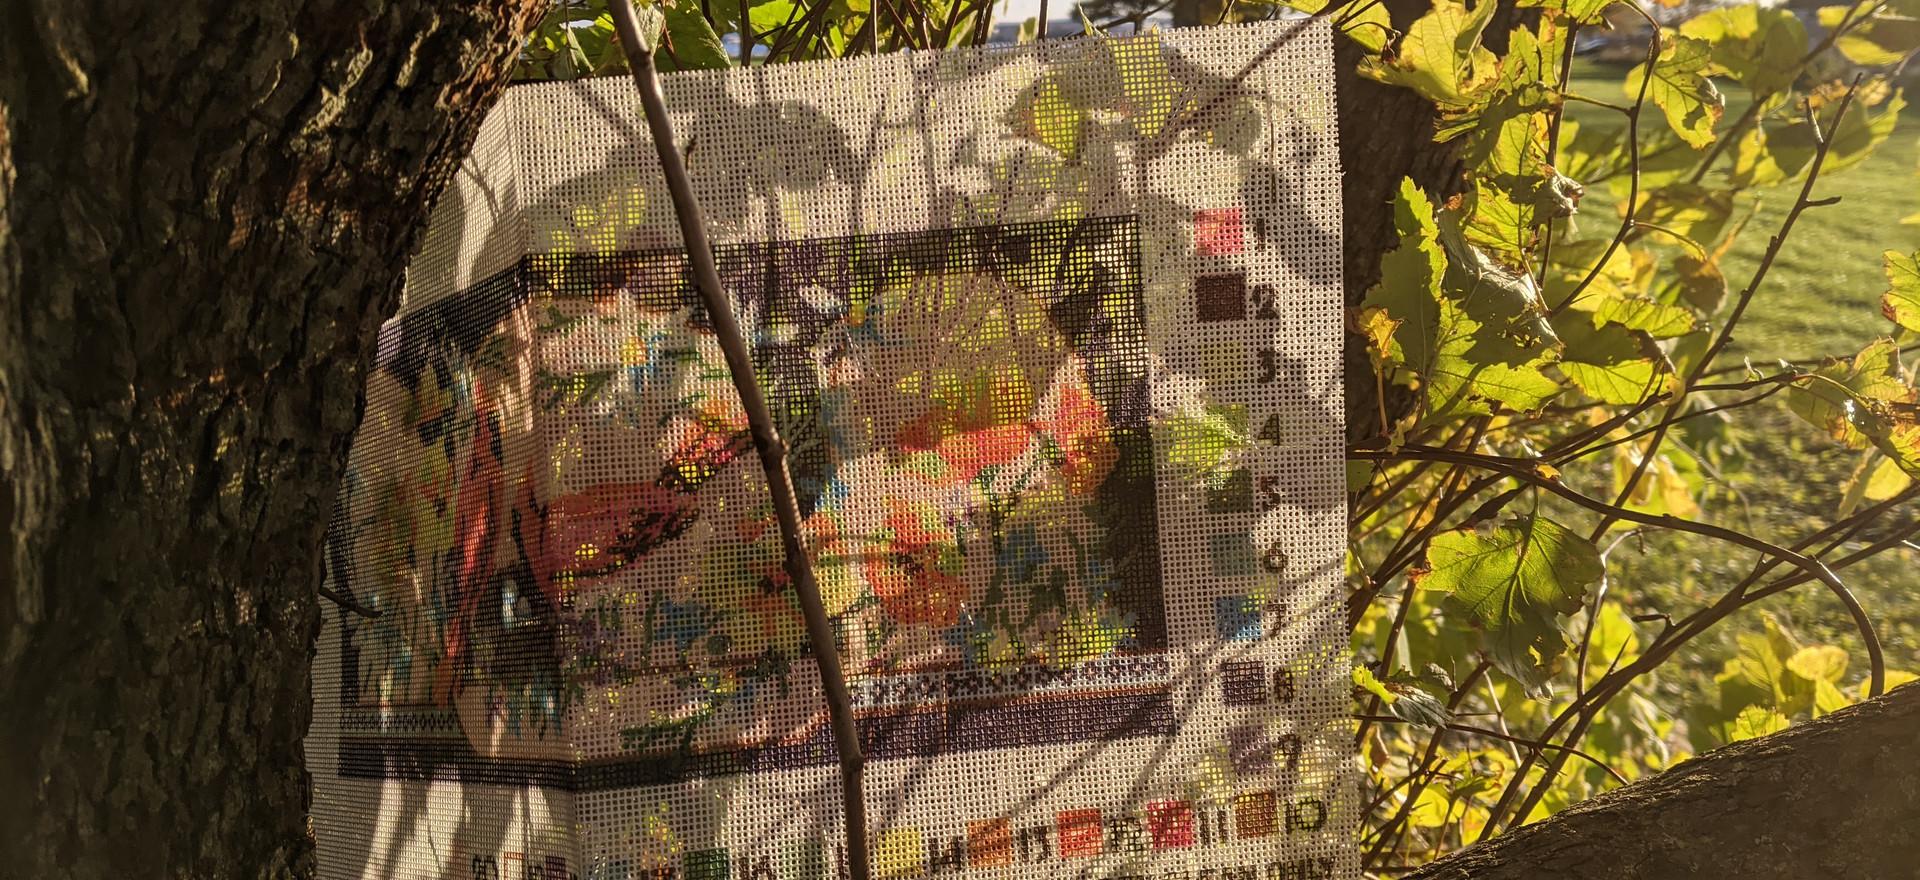 Stitching pattern